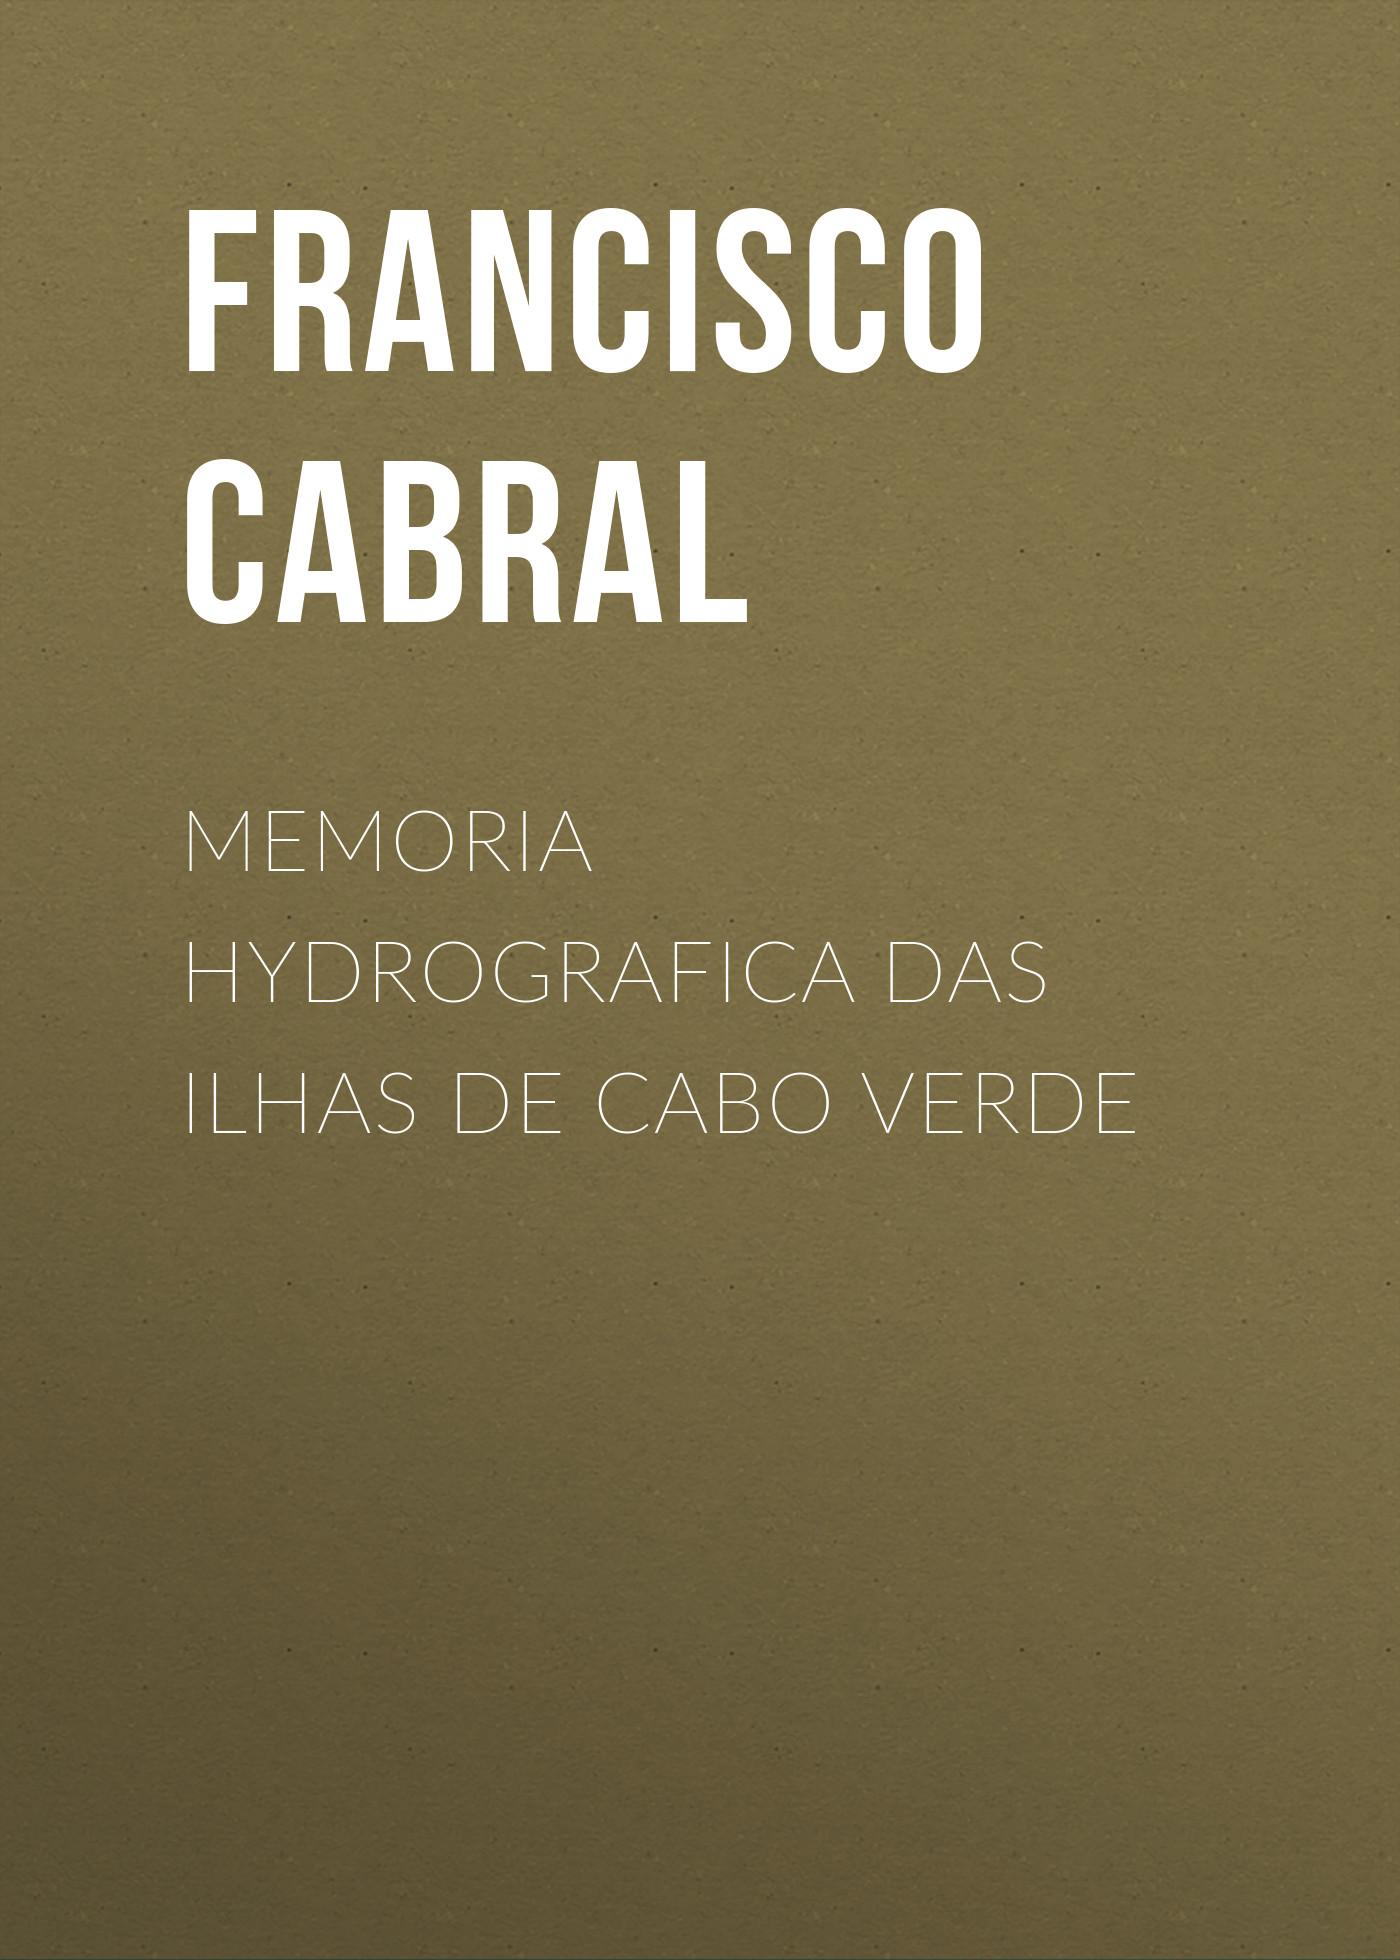 Cabral Francisco Antonio Memoria hydrografica das ilhas de Cabo Verde hp q7583a magenta